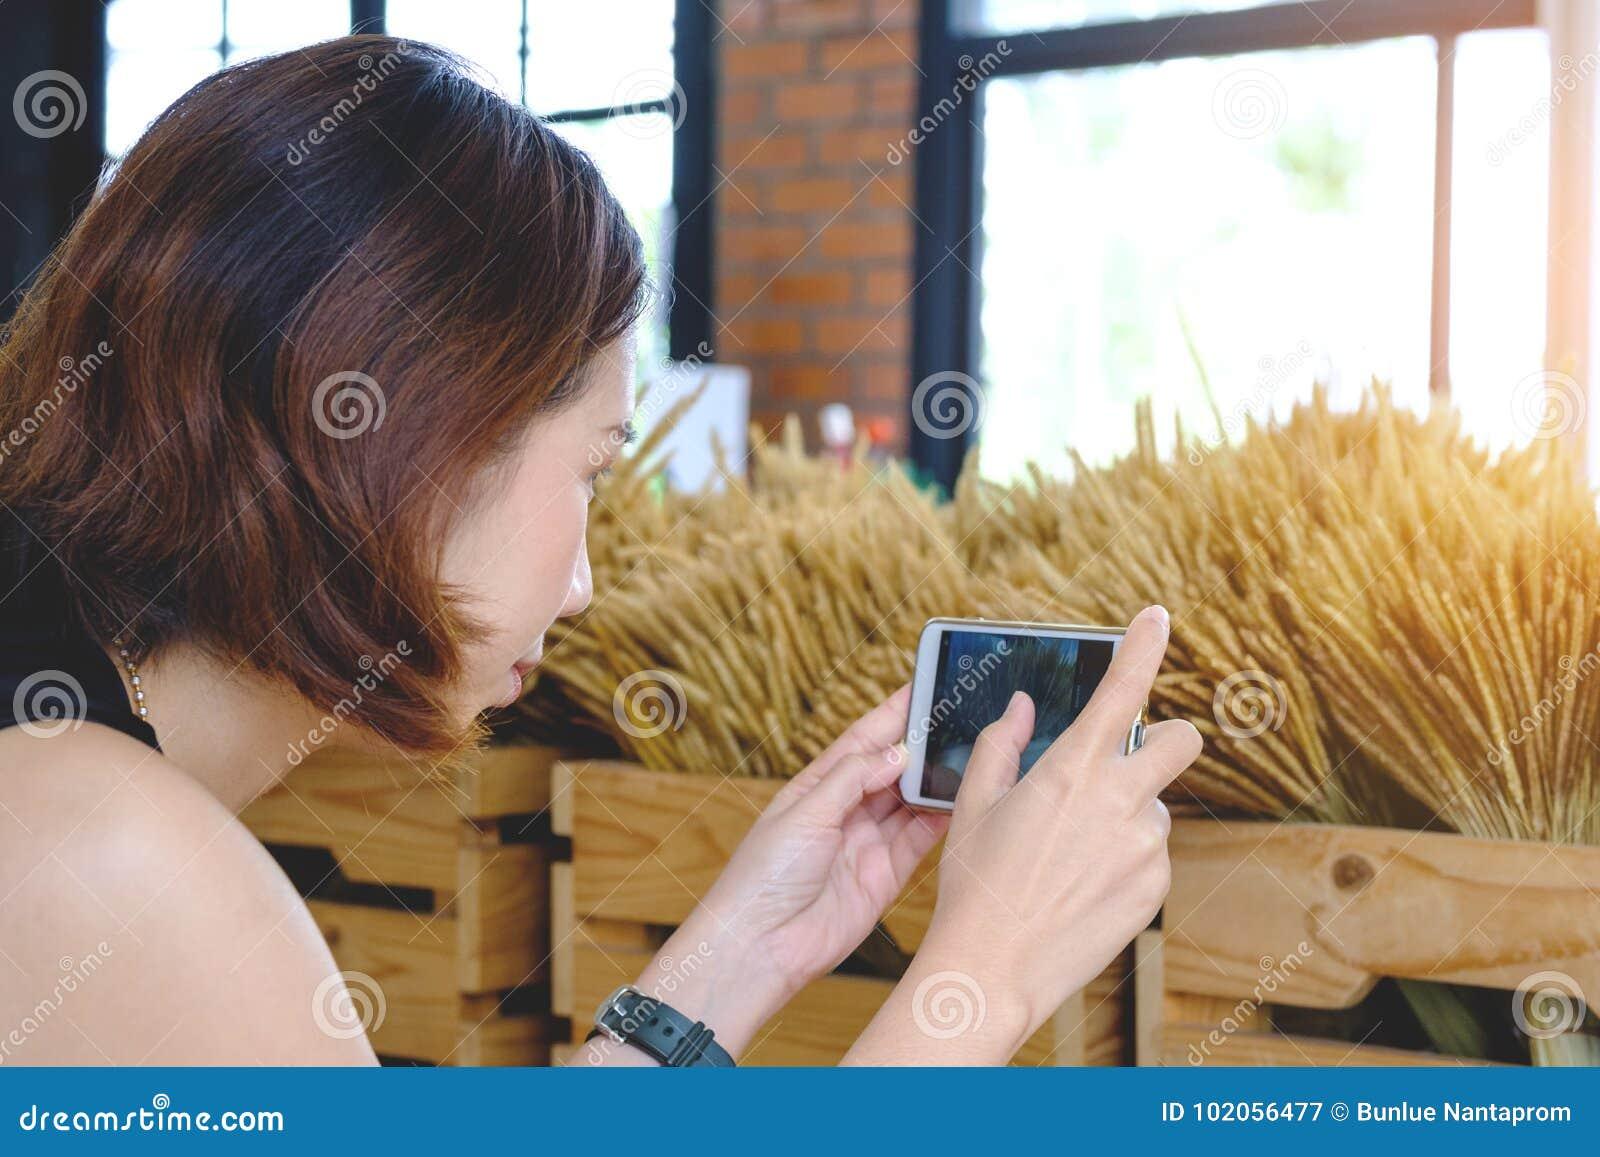 La mujer que toma la foto con el teléfono móvil, muchacha tailandesa joven toma la foto